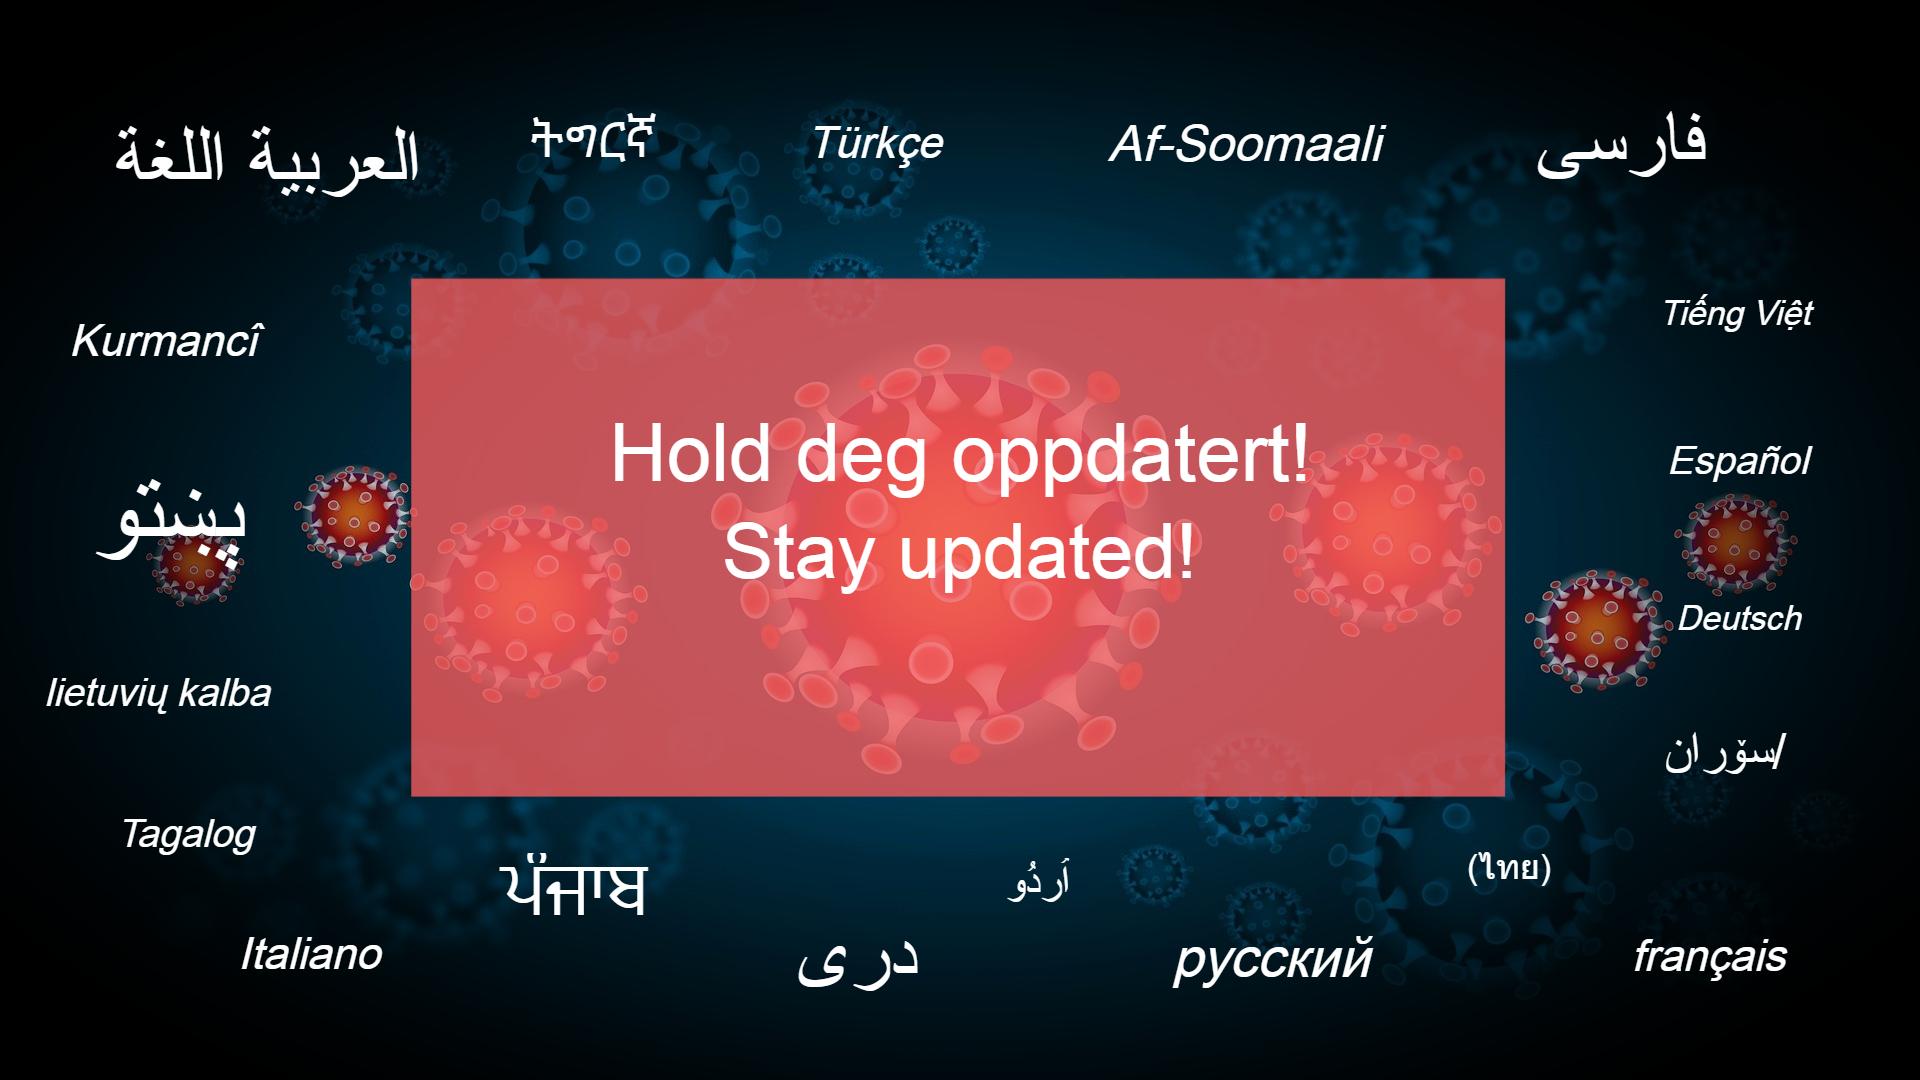 Hold deg oppdatert. Korona på flere språk